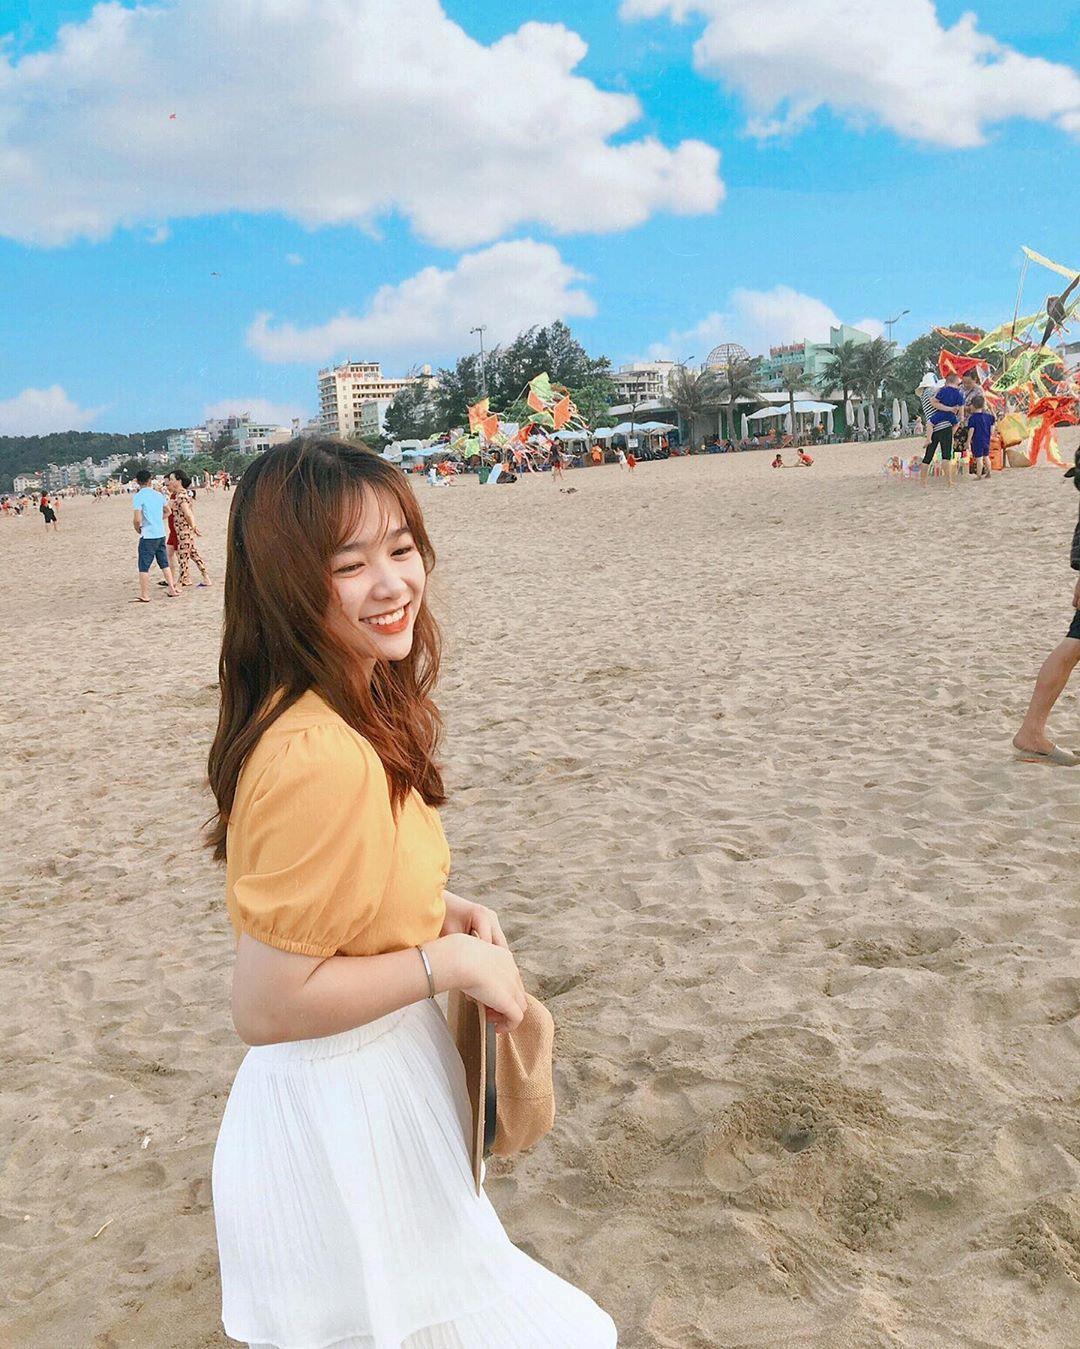 'Oanh tạc' 6 điểm du lịch hè đang hot này để có kỳ nghỉ trọn vẹn Ảnh 7